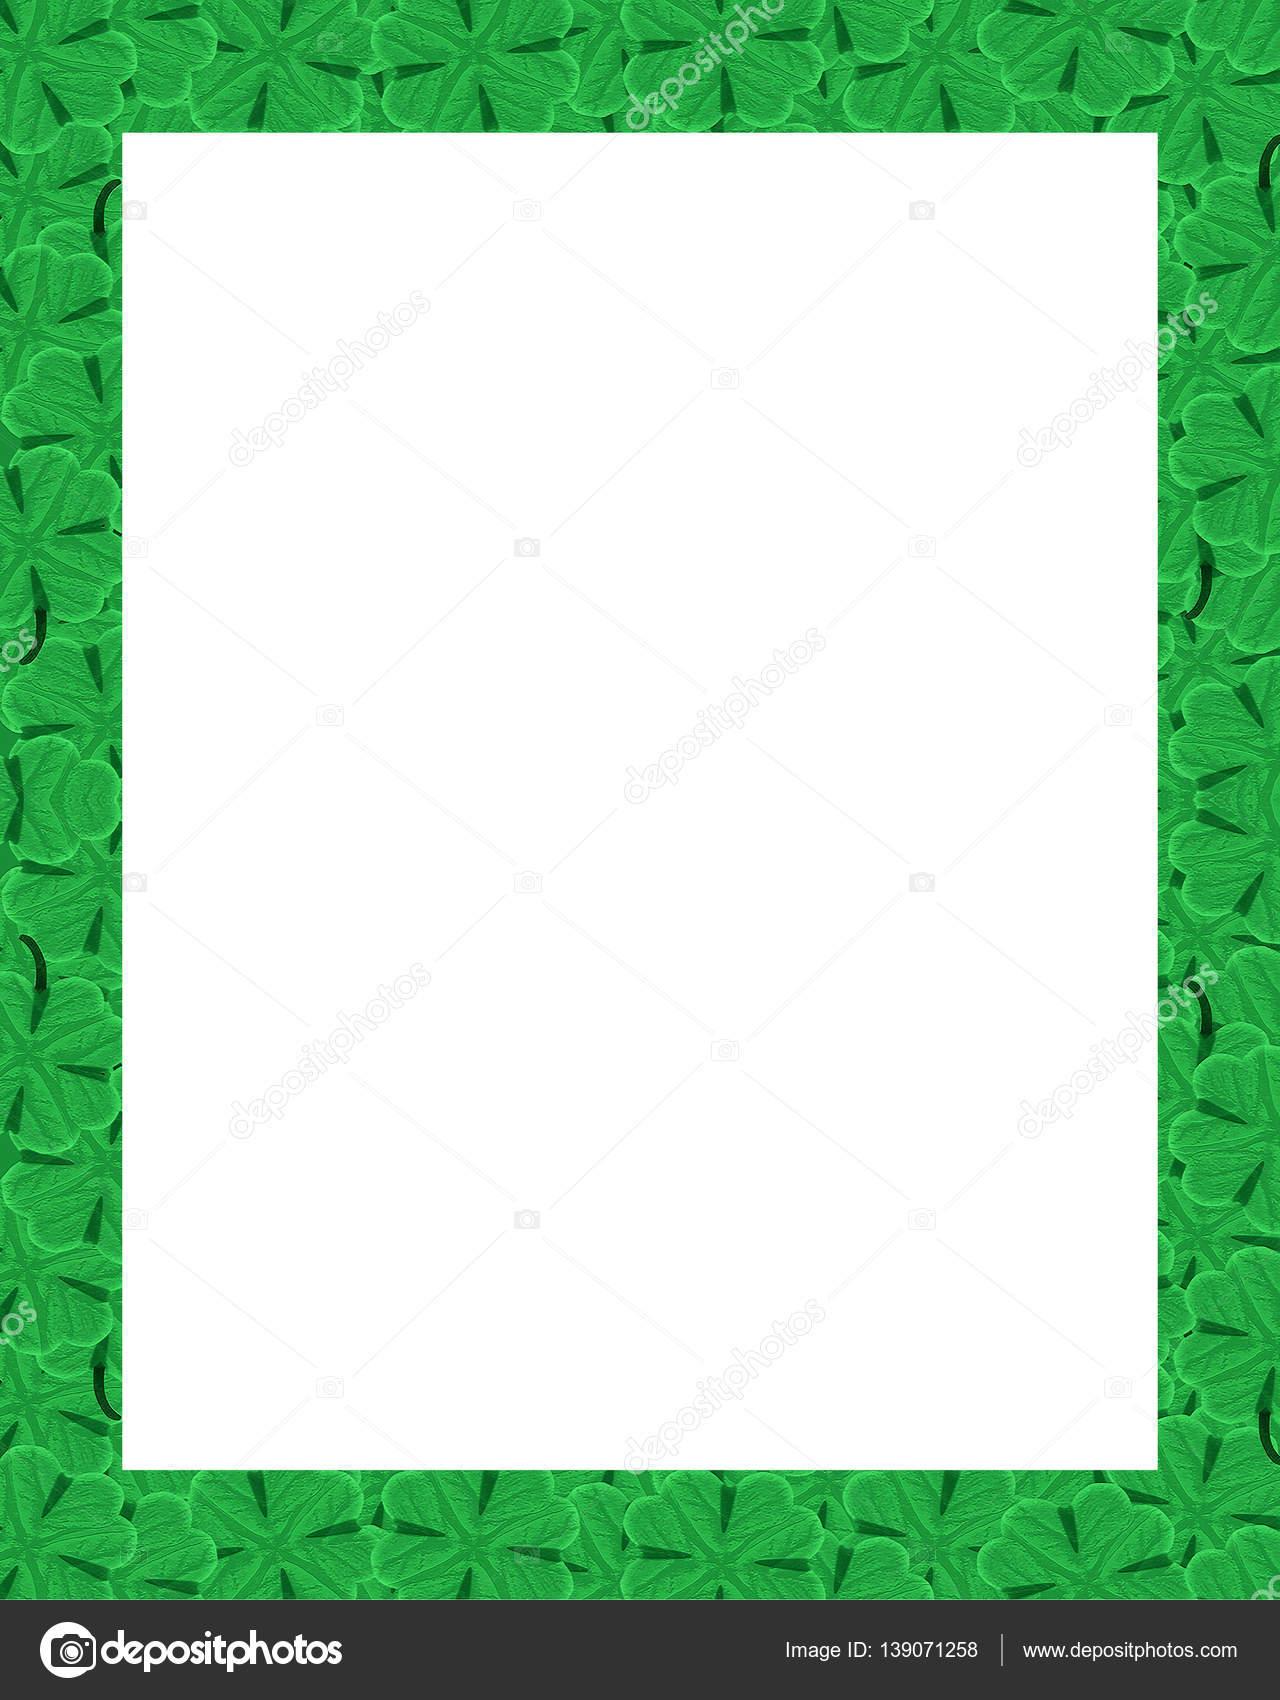 Día San Patricio adorno frontera marco — Foto de stock ...